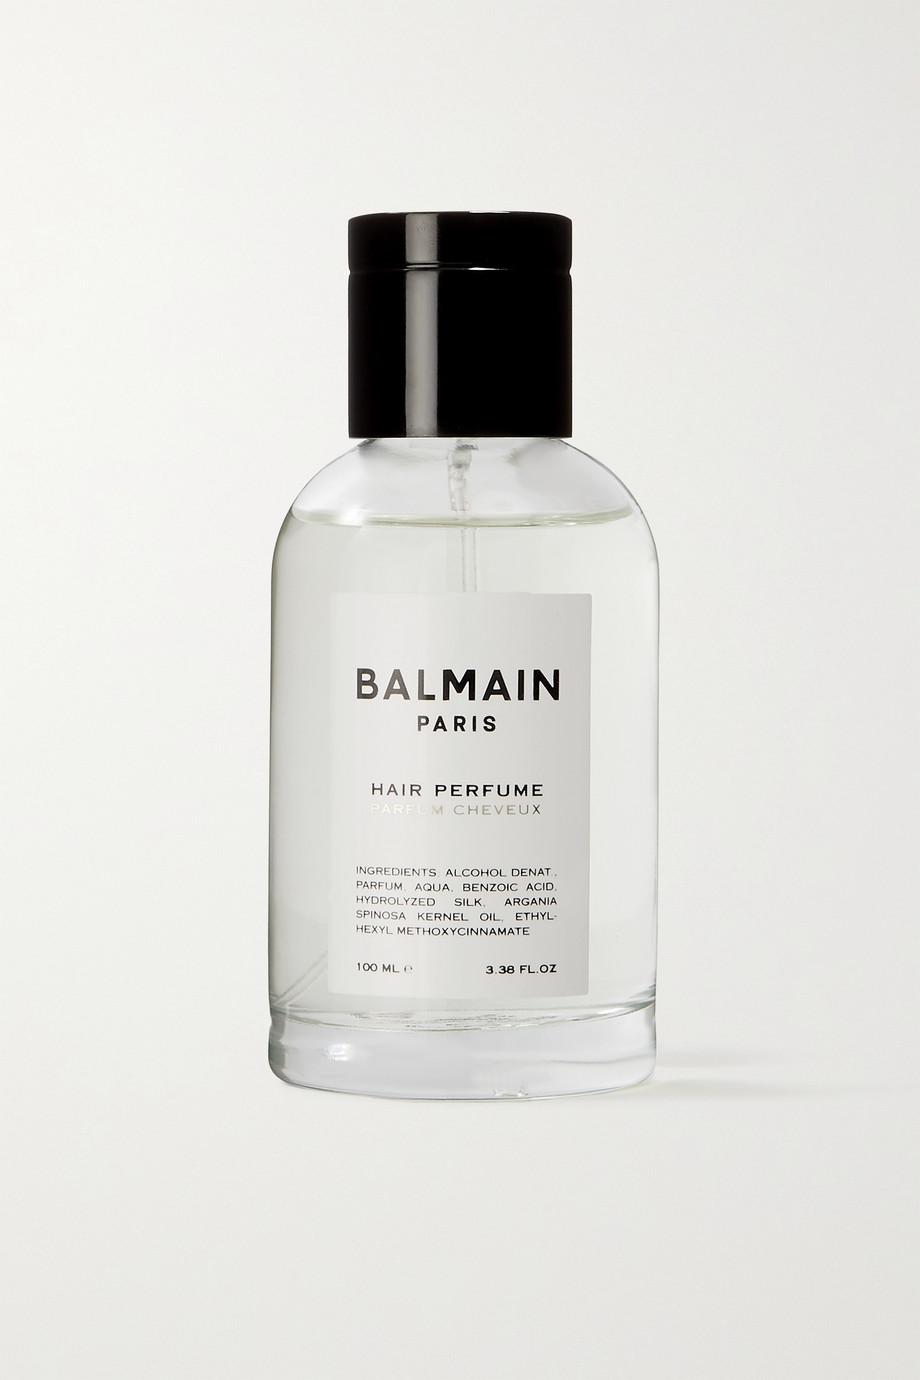 Balmain Paris Hair Couture Hair Perfume, 100ml